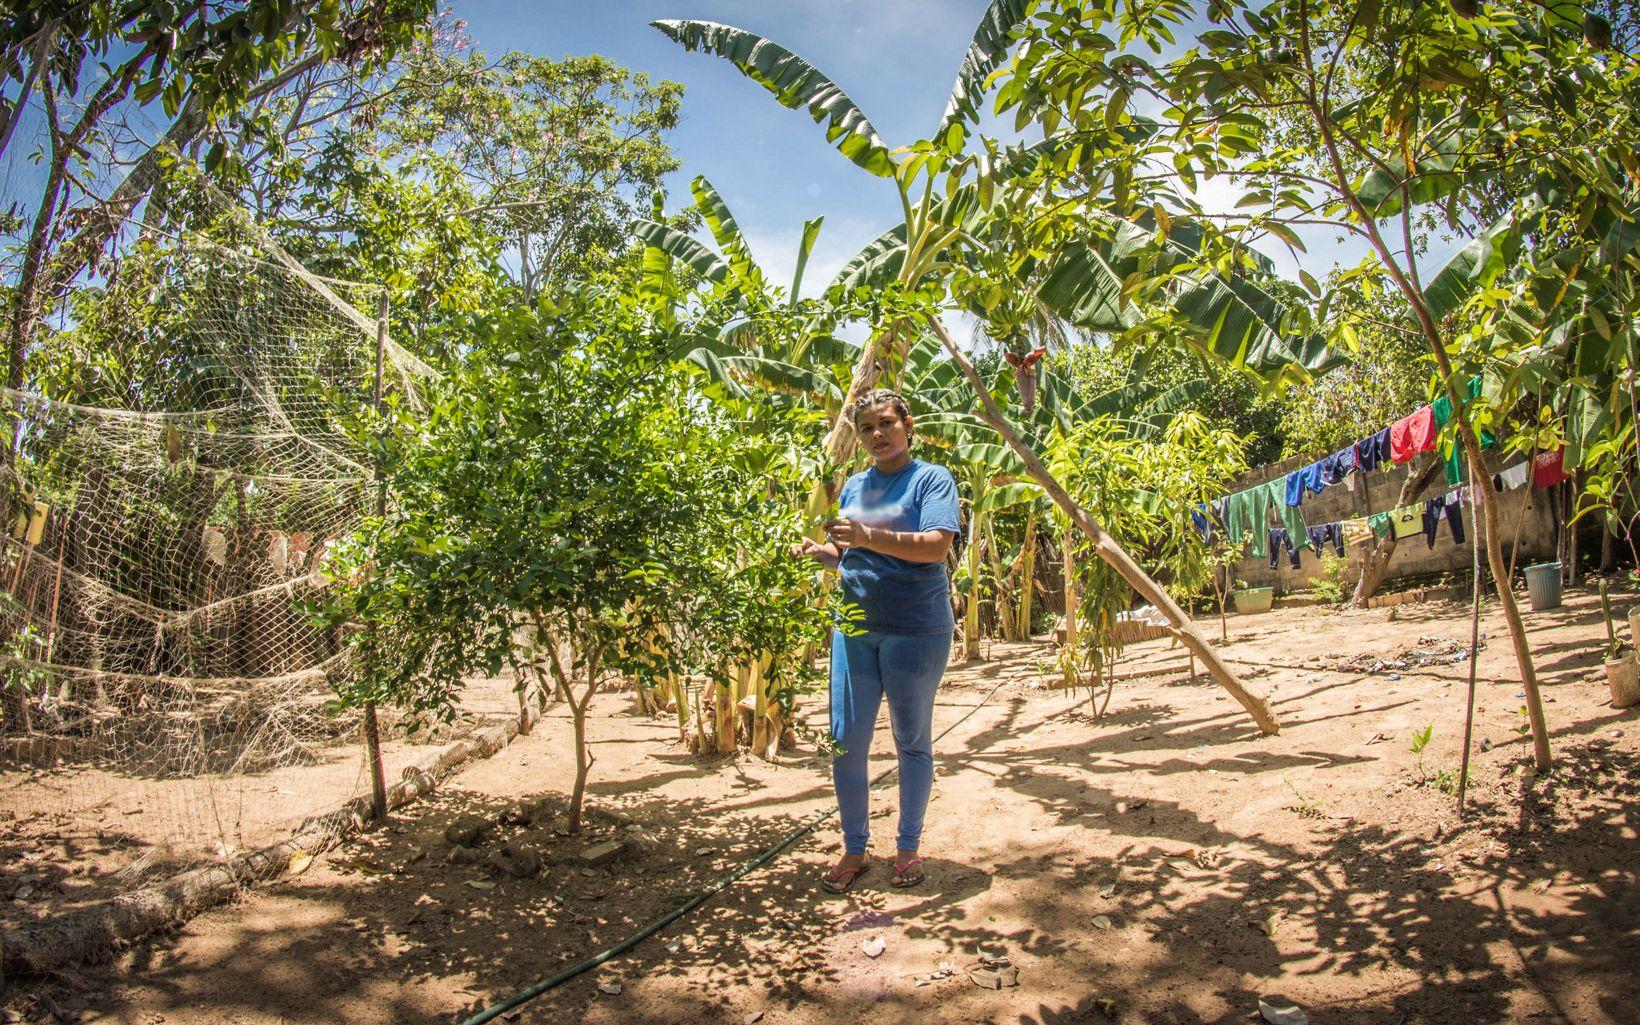 En el marco del Proyecto de Adaptación basada en Ecosistemas para las comunidades de las planicies inundables de la cuenca del Magdalena.